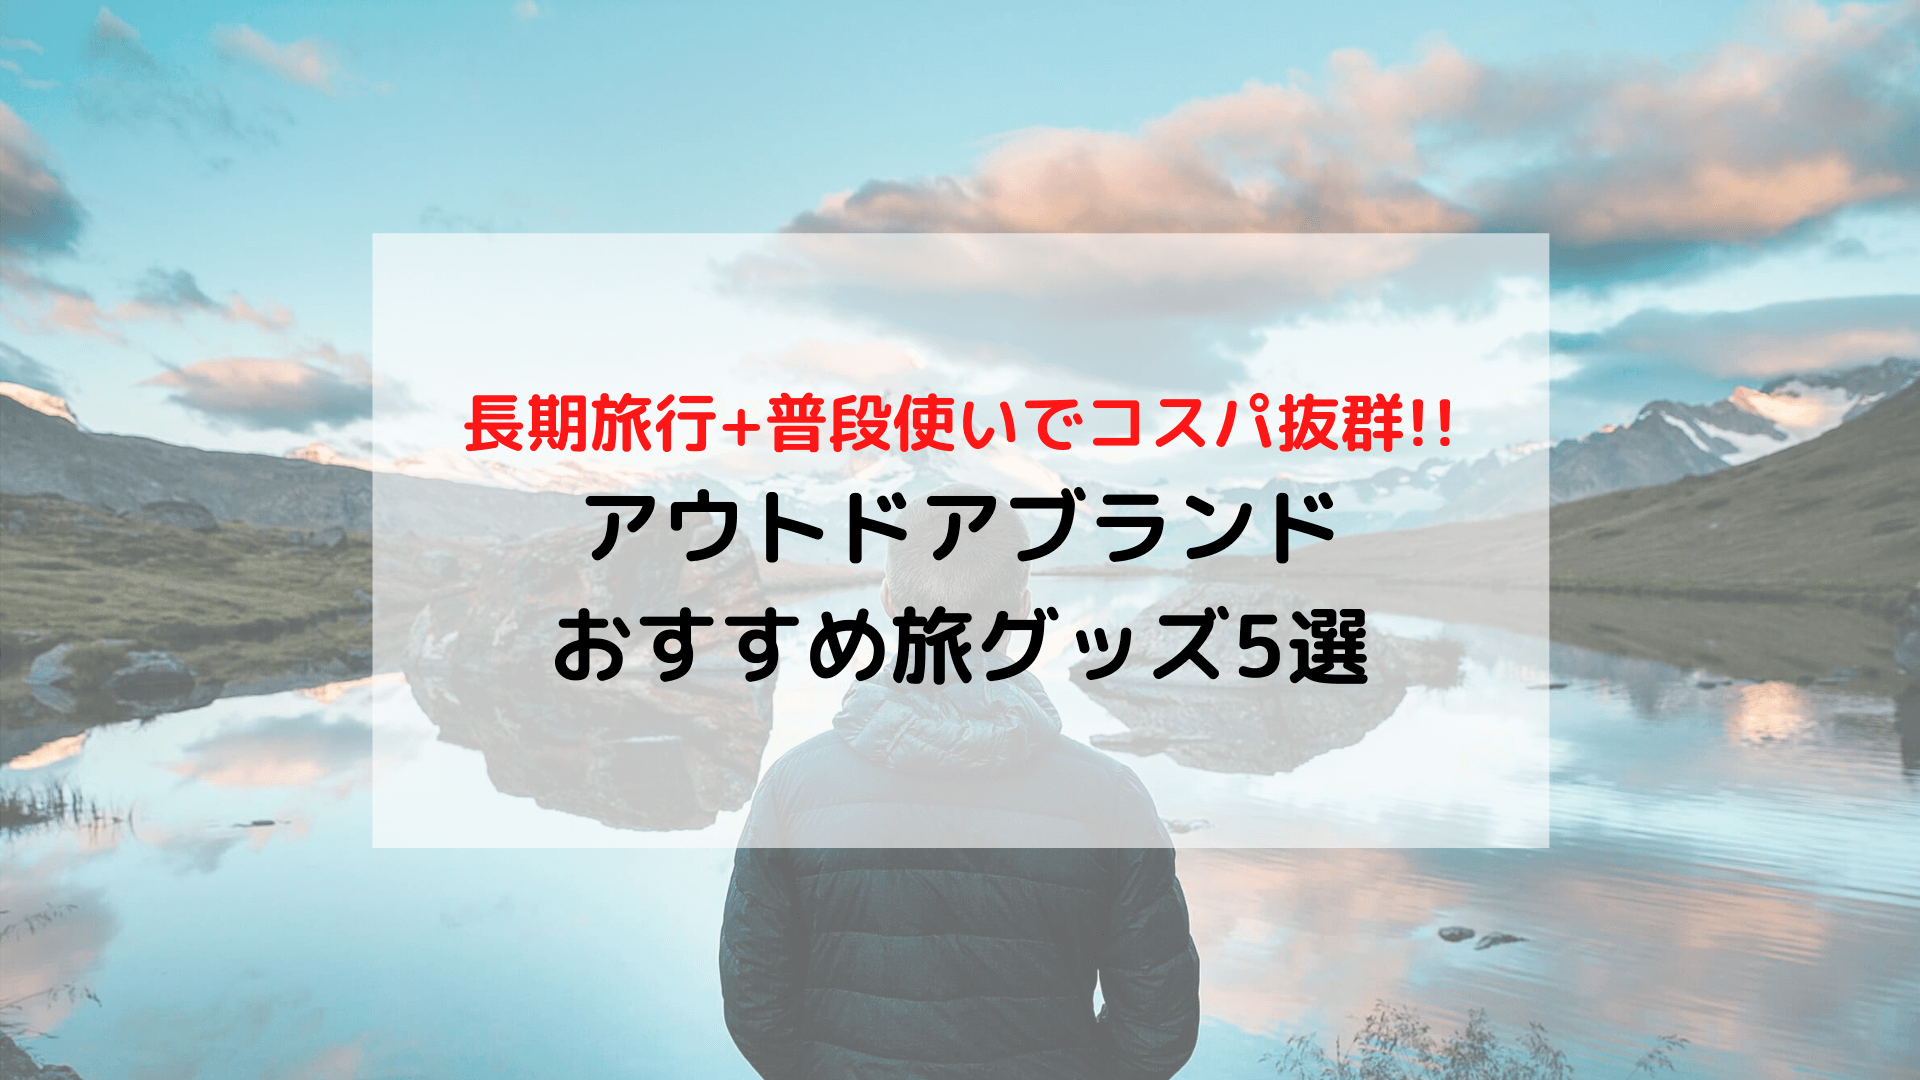 アウトドアブランド おすすめ旅グッズ5選